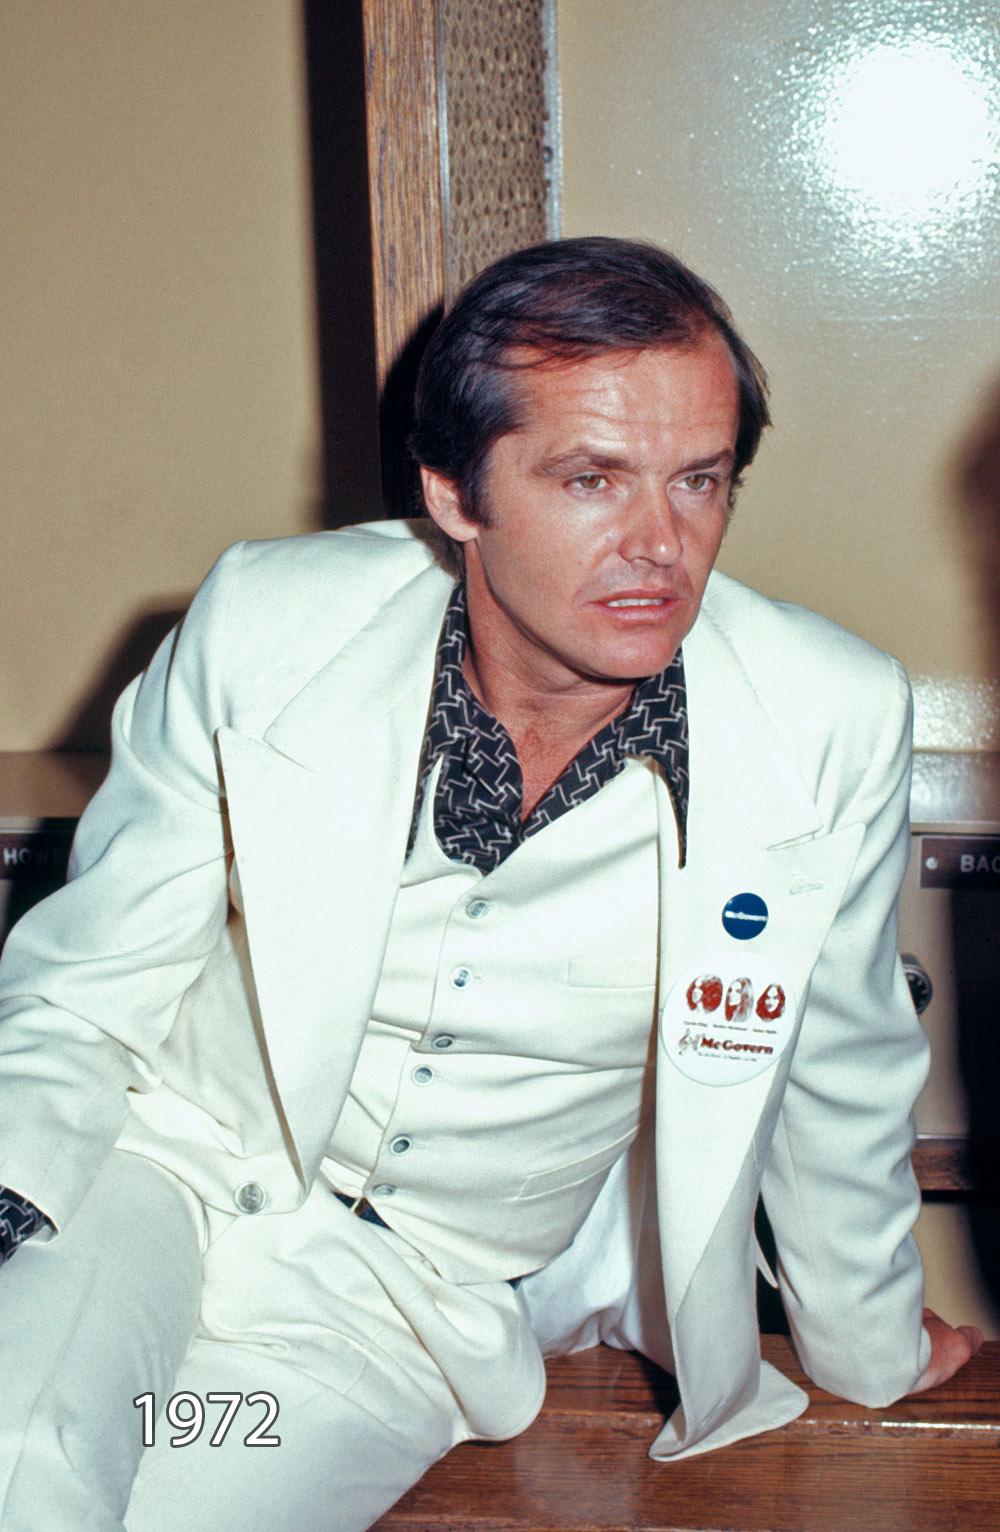 Jack Nicholson says he...